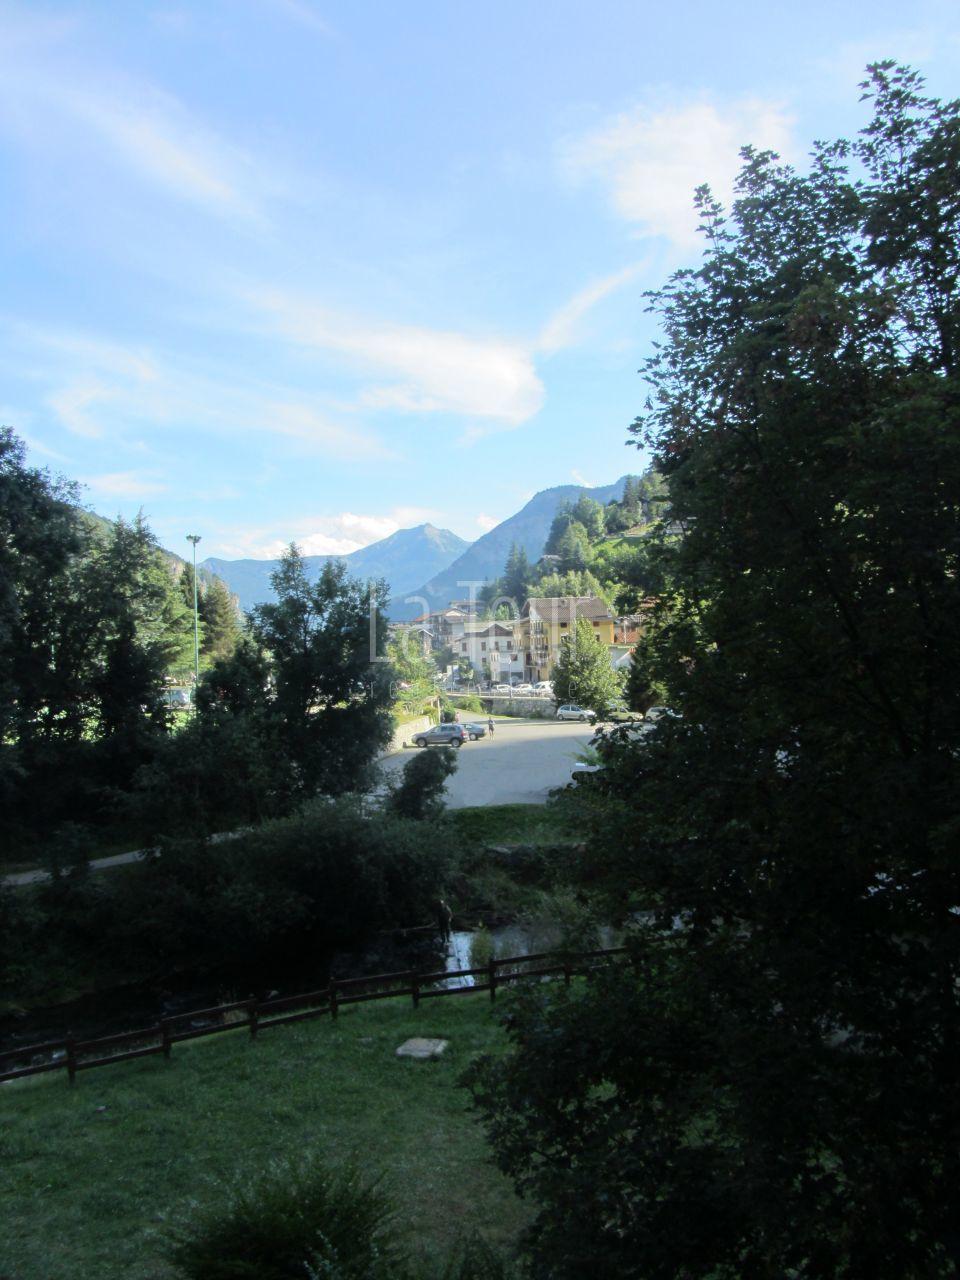 la vista verso valle.jpg